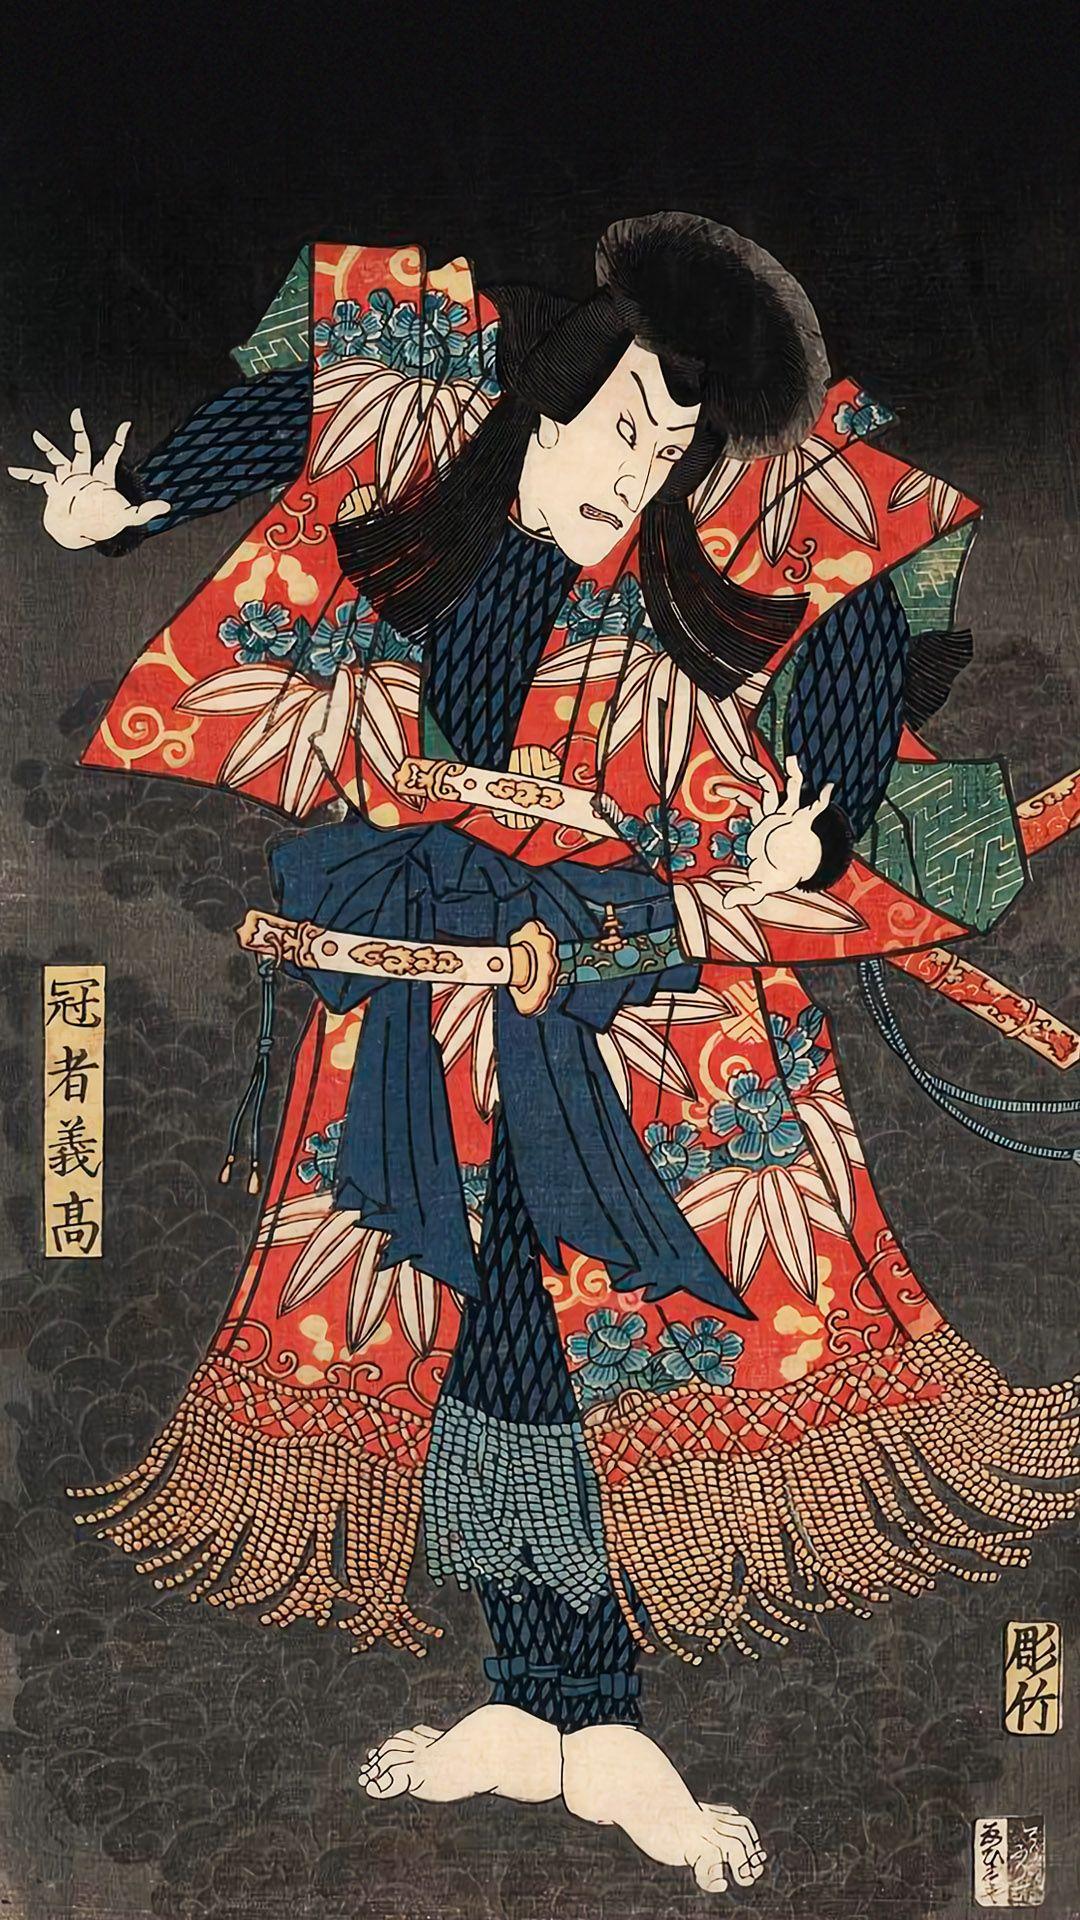 歌川豊国 怪鼠伝之内 冠者義高 Utagawa Toyokuni 1080x19 壁紙ギャラリー Kagirohi 日本画 和彫り デザイン 鼠